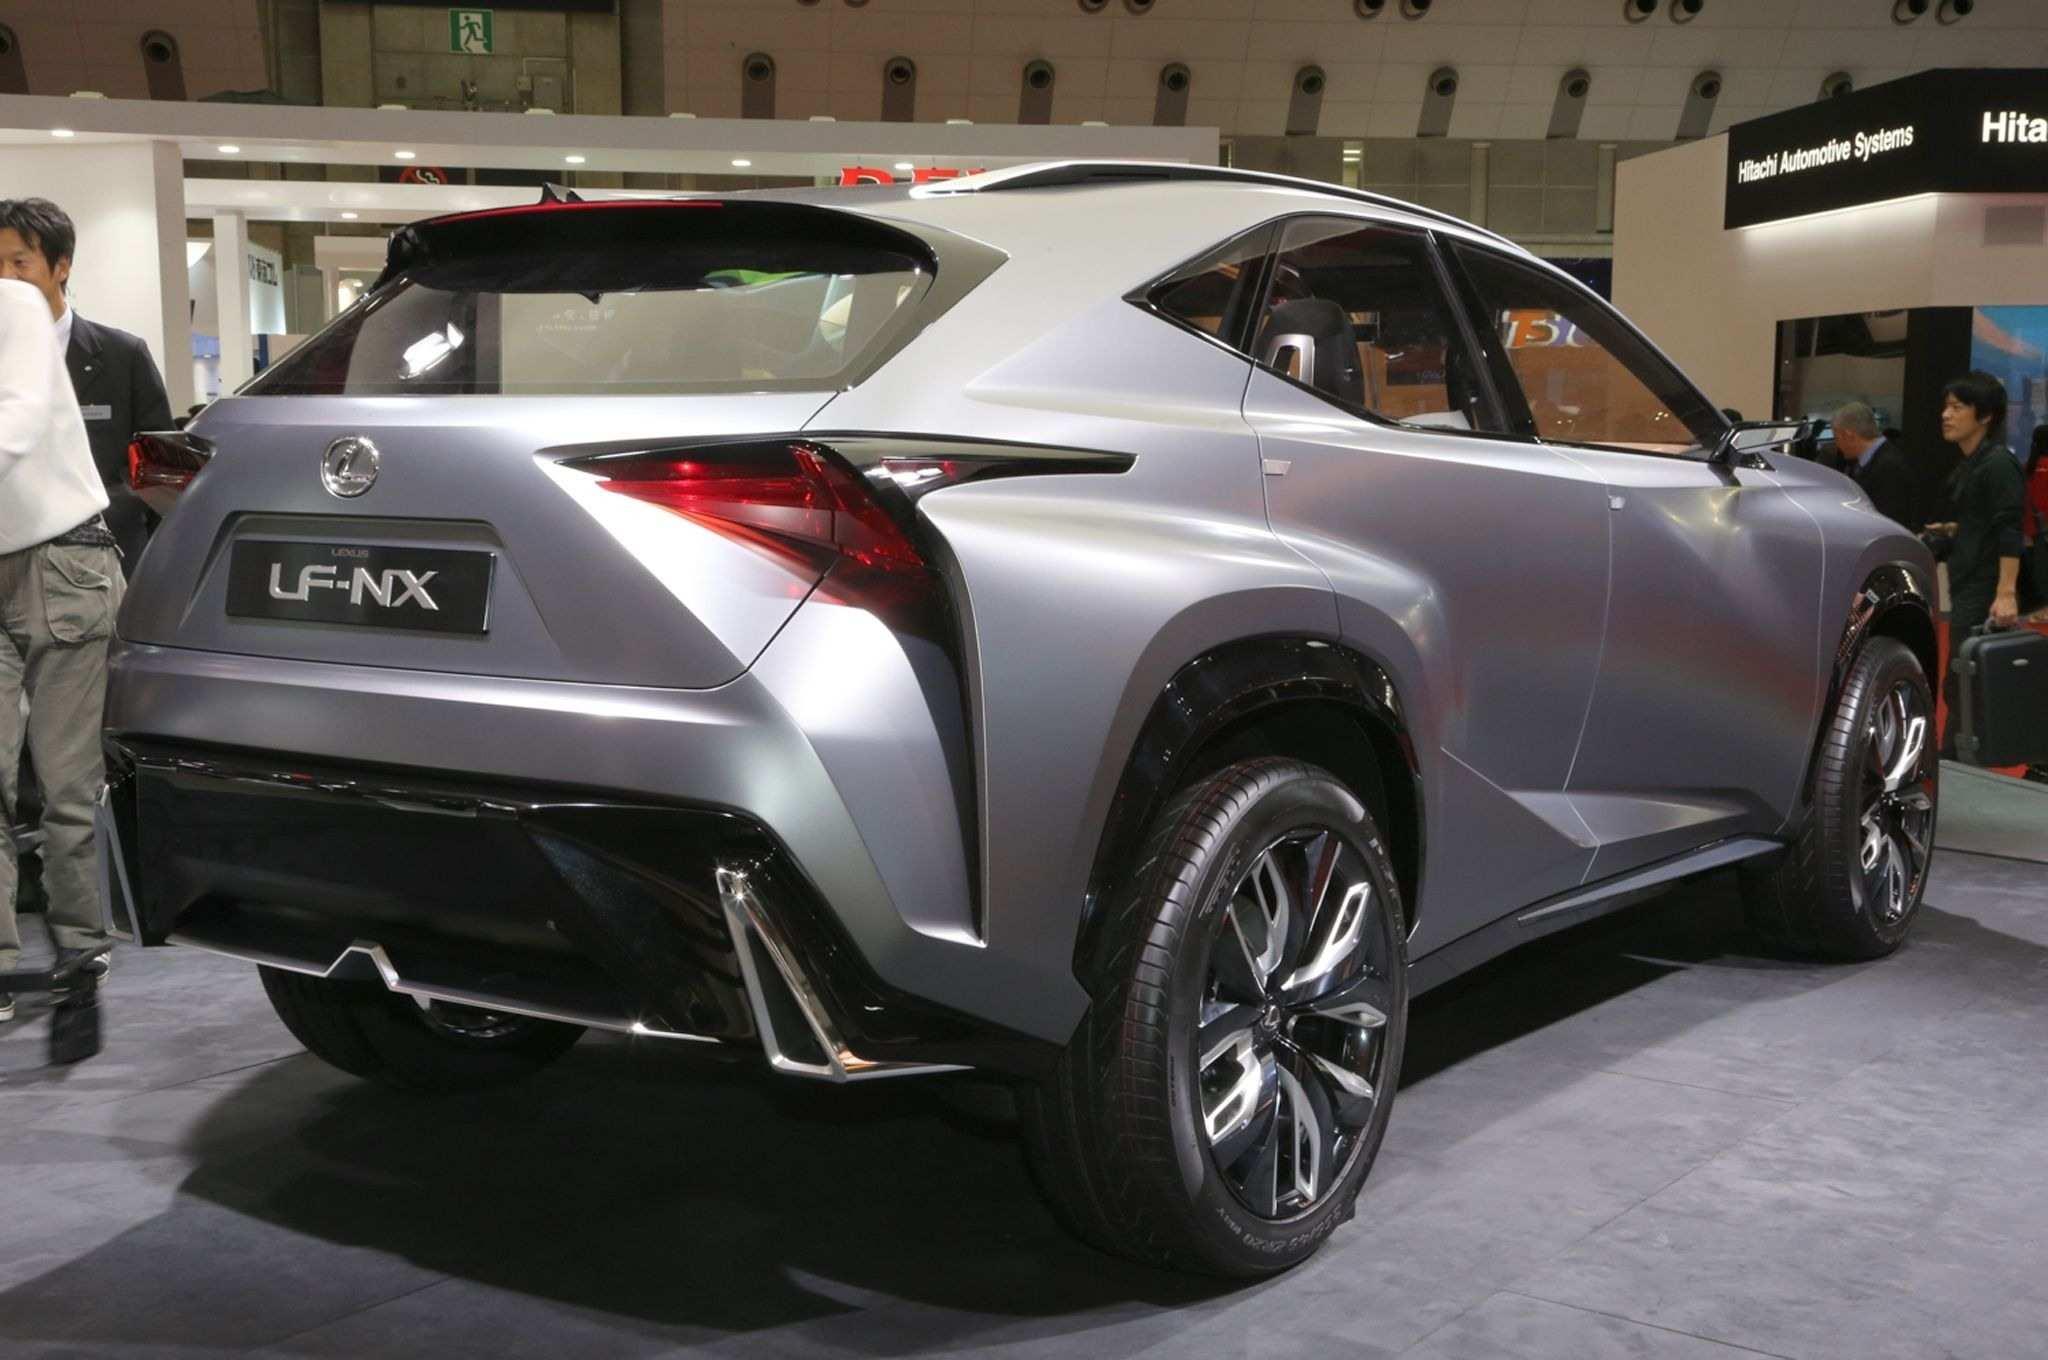 30 All New Lexus Nx 300H 2020 Photos by Lexus Nx 300H 2020